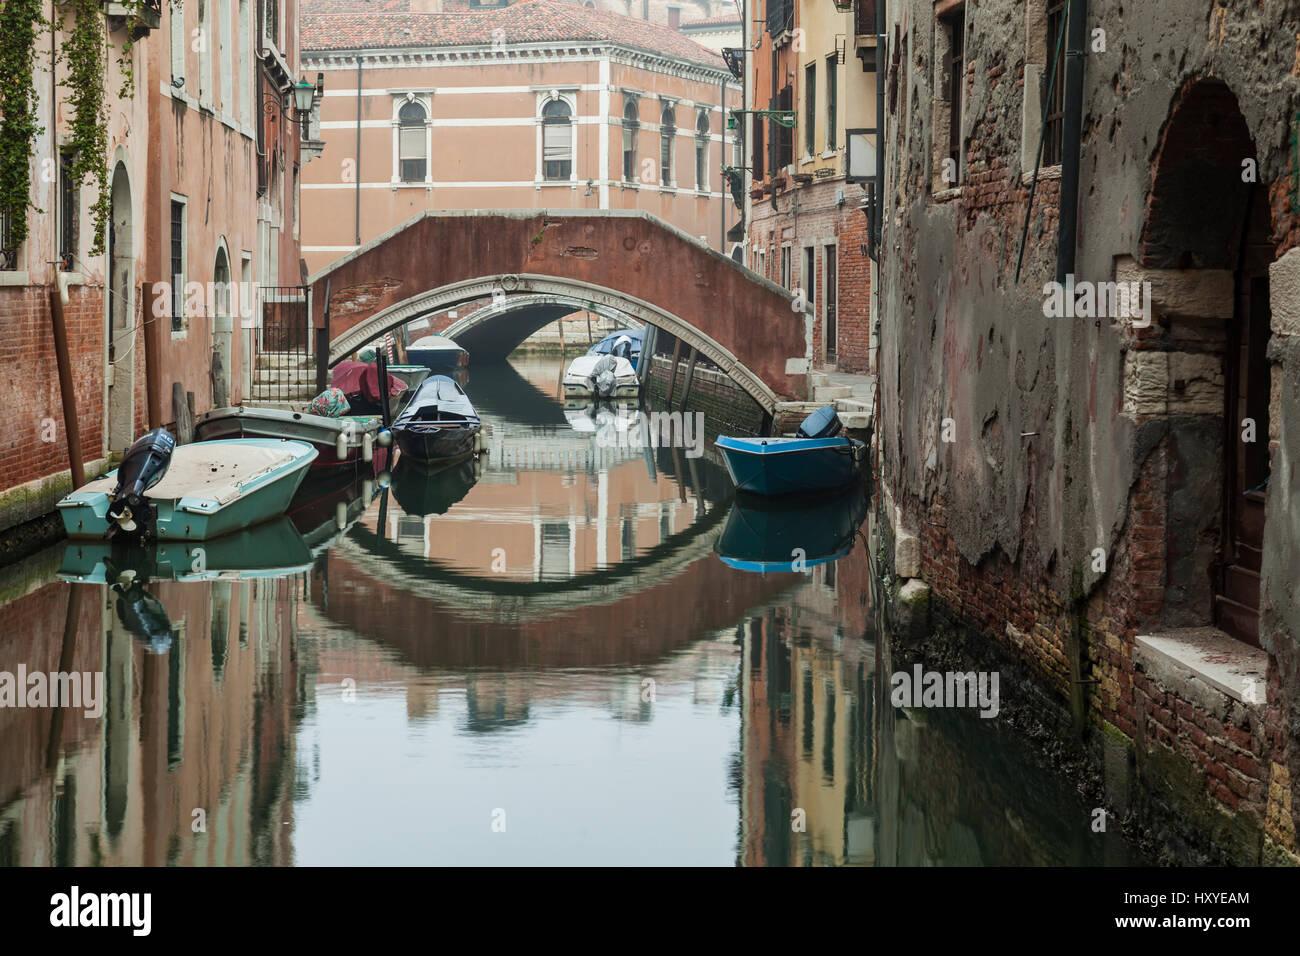 Misty mañana en un canal, en el Sestiere de San Marco, Venecia, Italia. Imagen De Stock